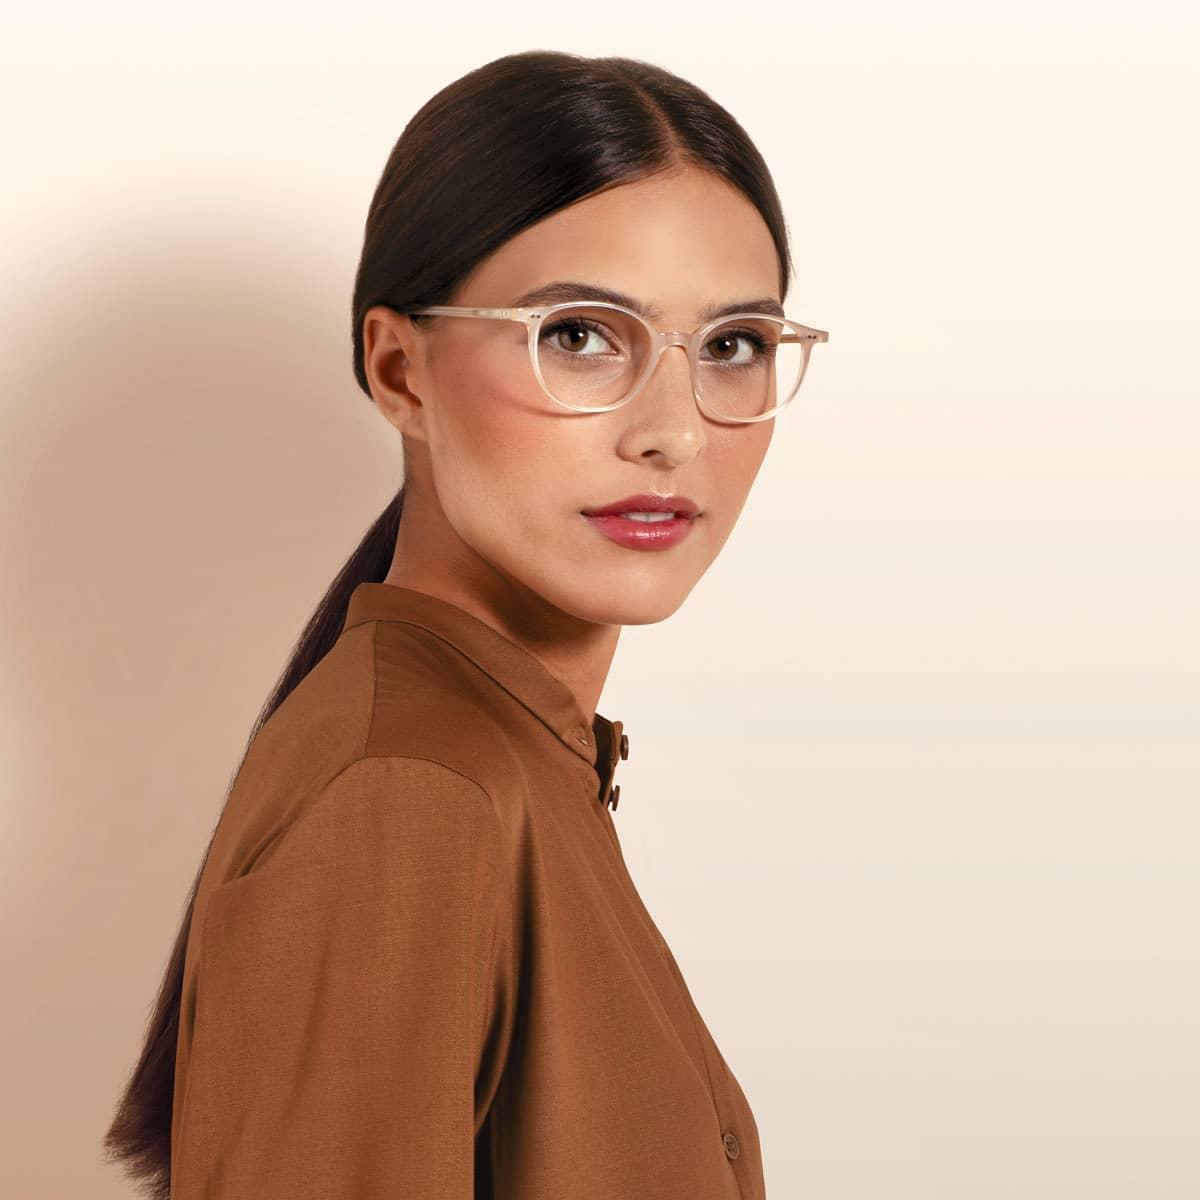 lafont woman eyeglasses white feb 18 2021